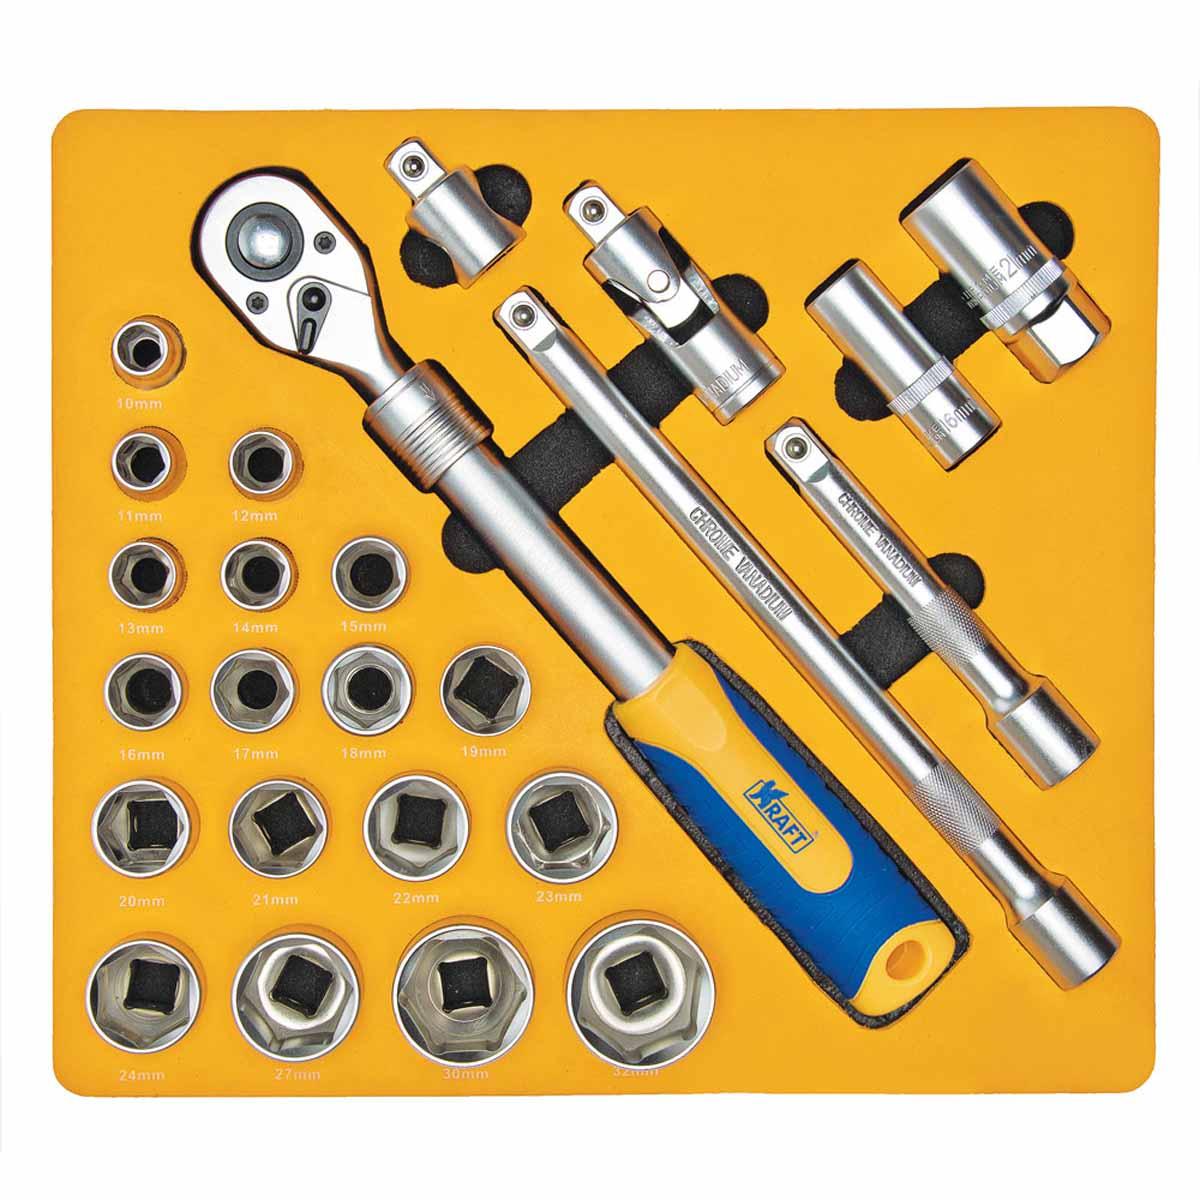 Набор инструментов Kraft, 1/2, 25 предметов. КТ 700617КТ 700617Набор инструментов Kraft предназначен для проведенияразличных слесарно-монтажных и ремонтныхработ при обслуживании автомобиля.Весь инструмент производится из высококачественныхсплавов, обеспечивающих долгое и надежное применение.Насадки выполнены из хромованадиевой стали. Пластиковаятрещоточная рукоятка снабженапротивоскользящими накладками и отверстием дляподвеса. Удобная двухкомпонентная рукоятка придаеткомфорт и легкость любым слесарно-монтажным операциям. Весь инструмент сертифицирован и соответствует либопревосходит самые высокие требования стандартовпрофессионального инструмента.Комплектация:- Торцевые головки 1/2 6 граней (18 шт): 10; 11; 12; 13; 14; 15;16; 17; 18; 19; 20; 21; 22; 23; 24; 27; 30; 32; - Торцевые головки свечные (2 шт): 16; 21; - Удлинитель 1/2 (2 шт): 125; 250 мм; - Кардан шарнирный 1/2; - Переходник 3/8 (F) х 1/2 (М);- Рукоятка трещоточная с быстрым сбросом 1/2телескопическая 305-445 мм (72 зубца, двухкомпонентная). Набор инструментов поставляется с сумкой для переноски вкомплекте.